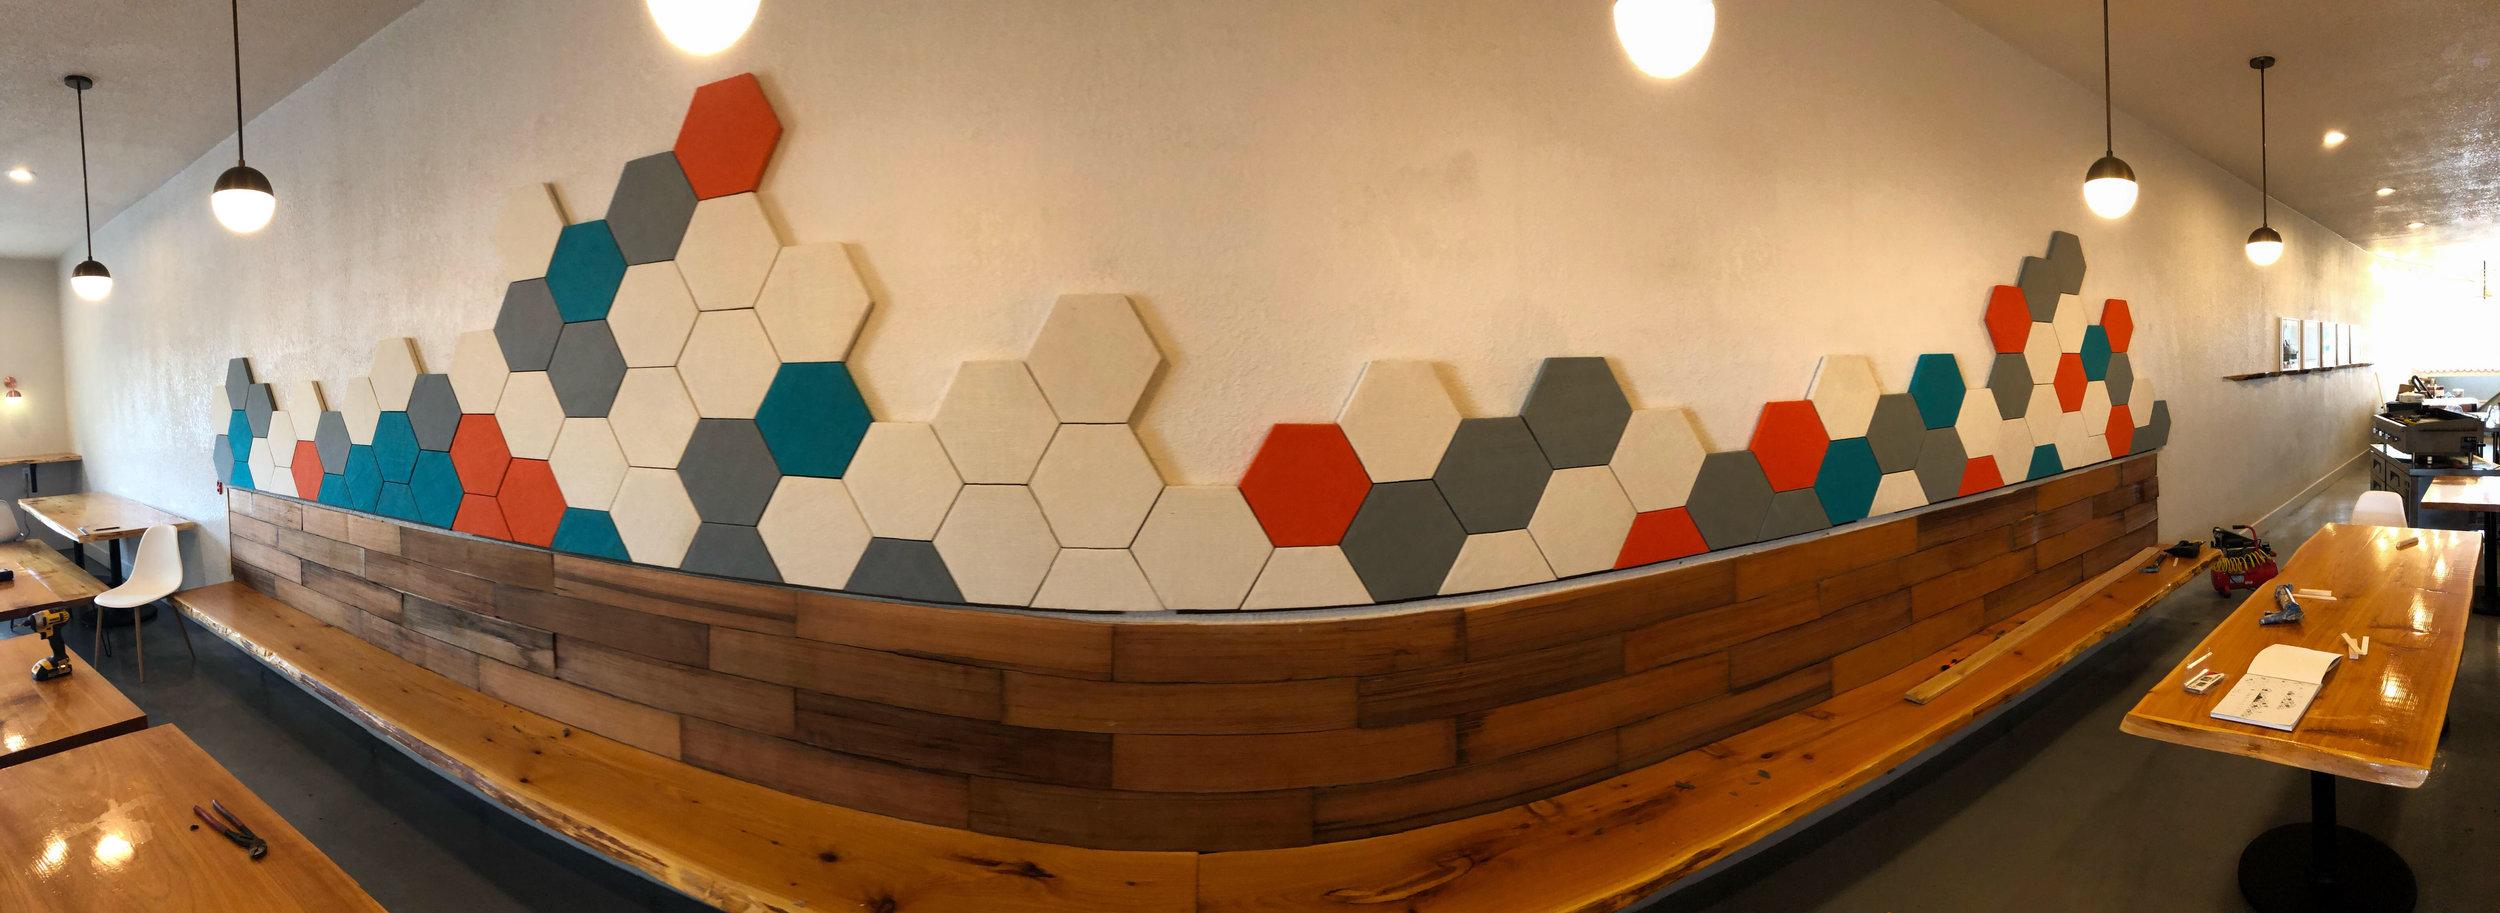 A sneak peek of the new wall art inside Brunch 101.